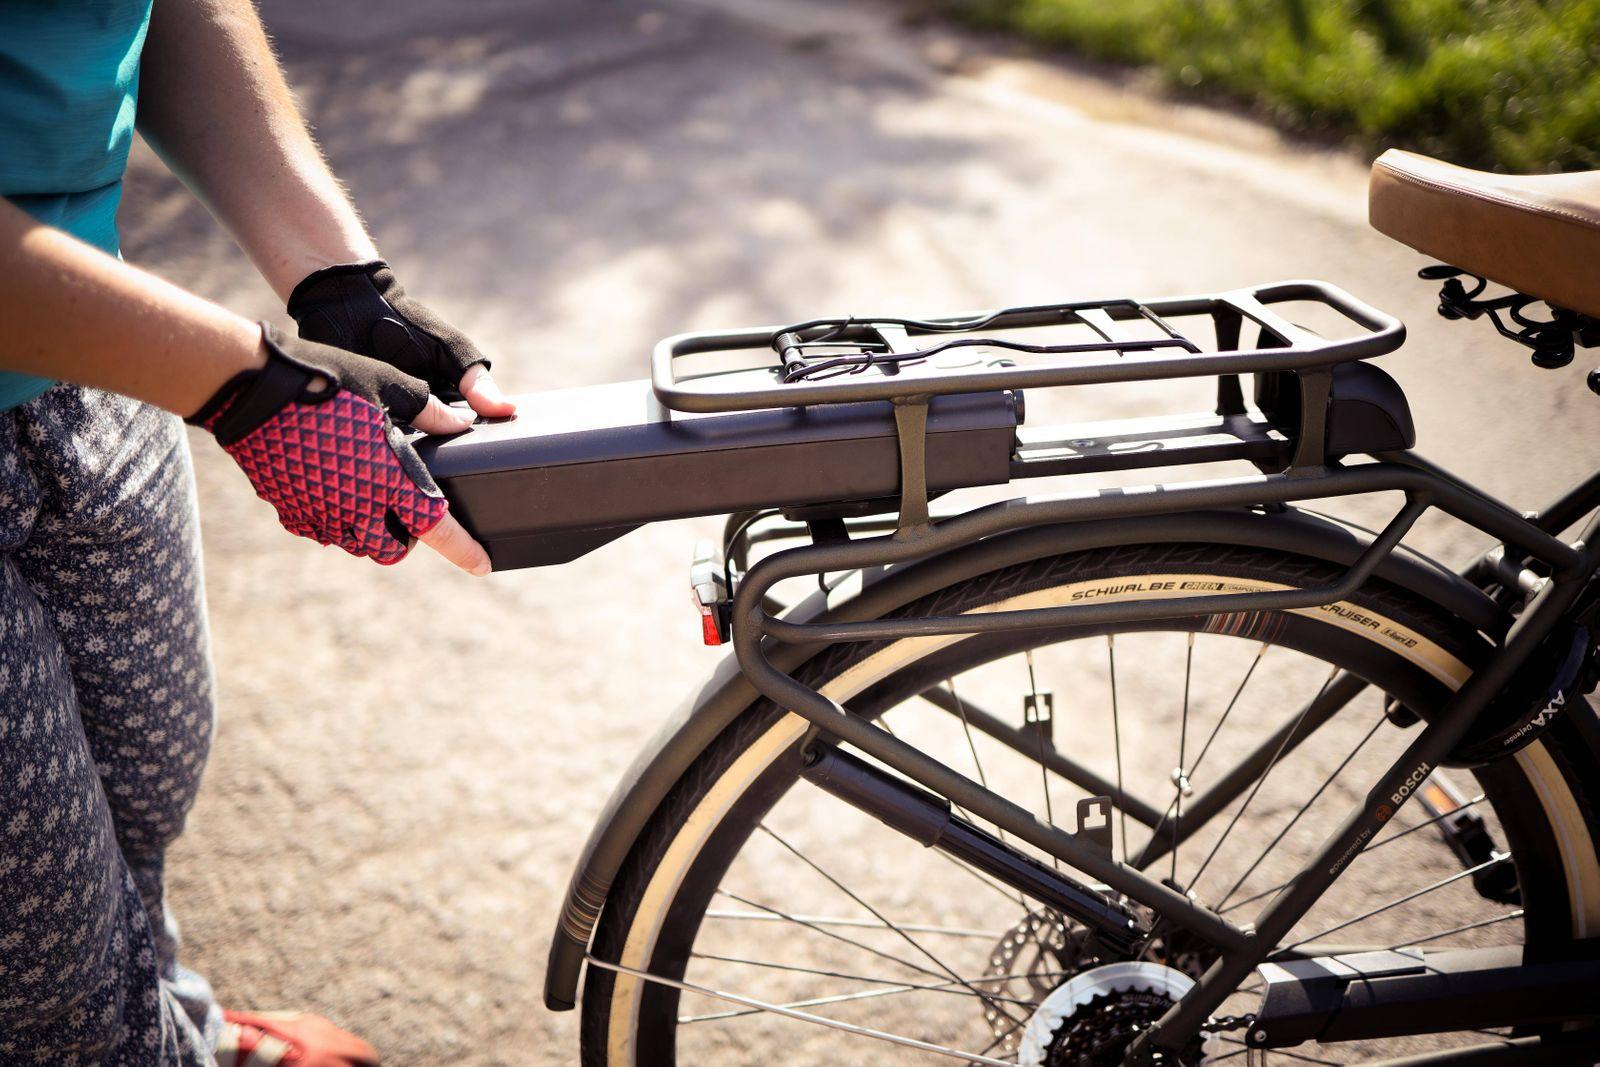 Radfahrerin beim Einsetzen der Batterie an einem Elektrofahrrad, Belgien, Europa *** Cyclist inserting the battery on an